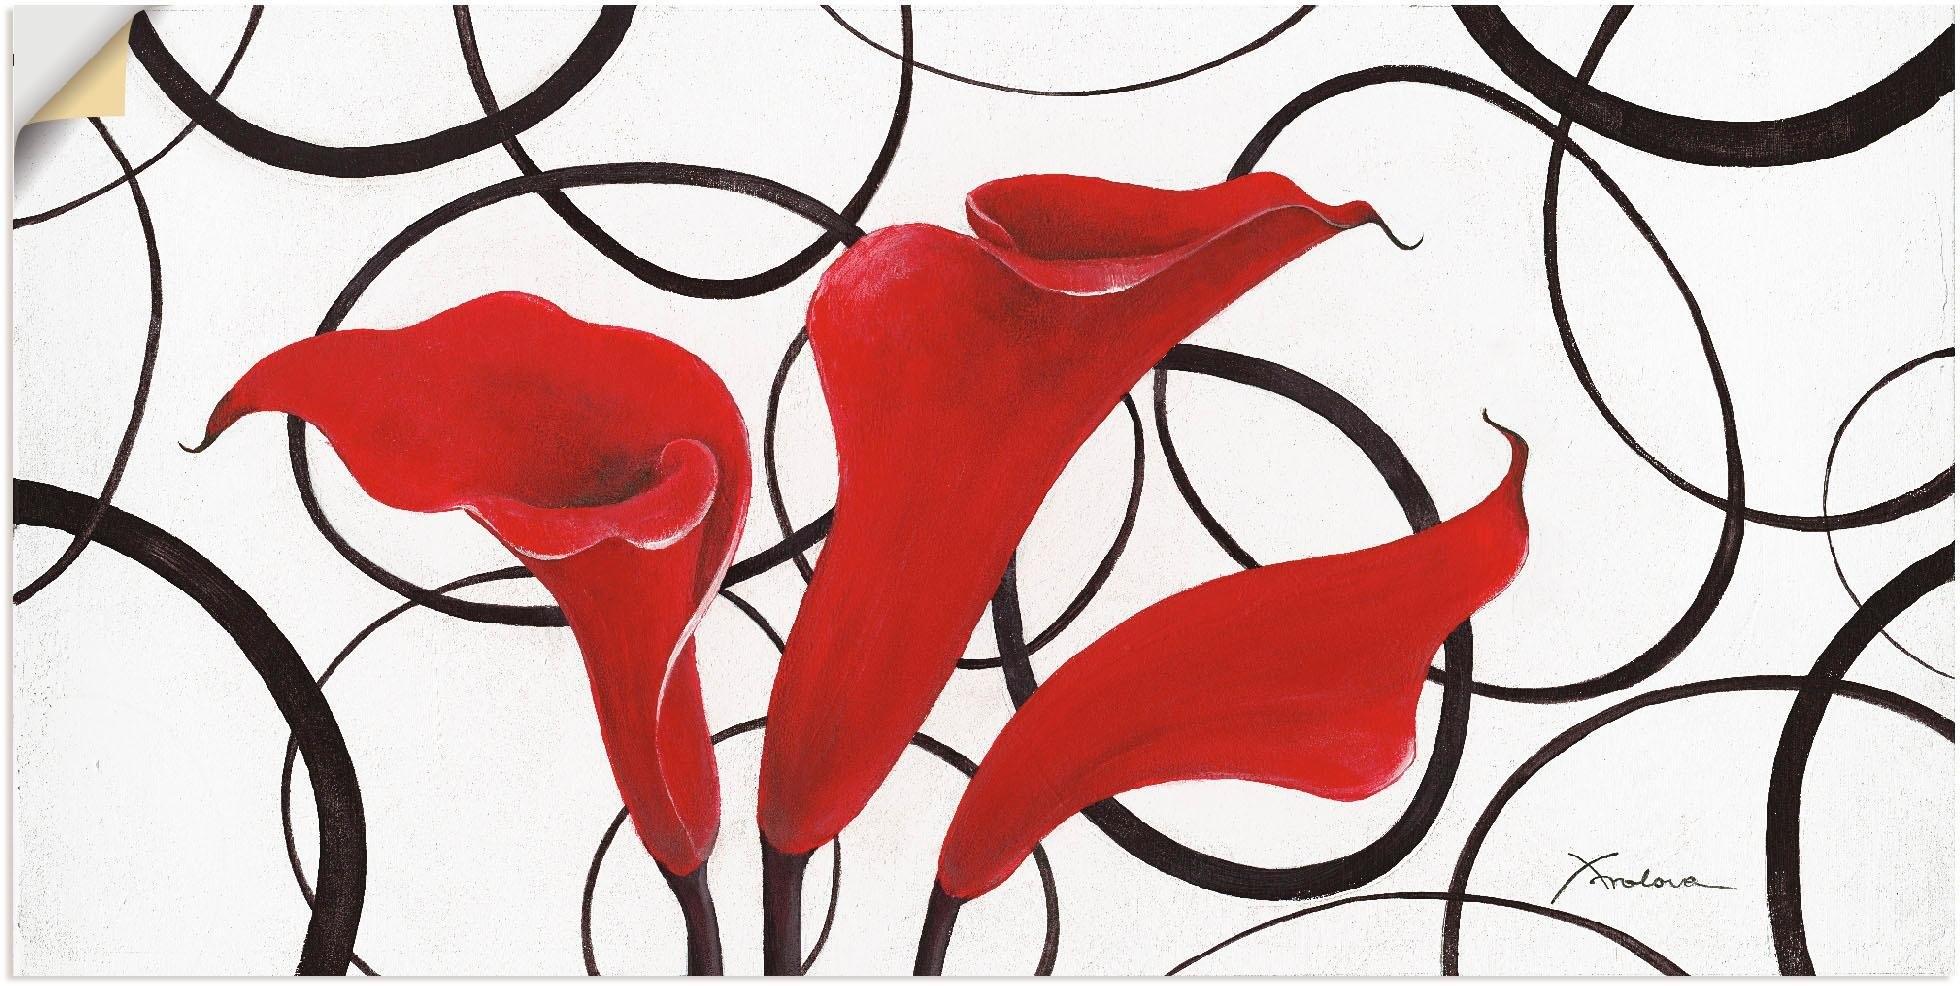 Artland artprint »Callas« nu online bestellen